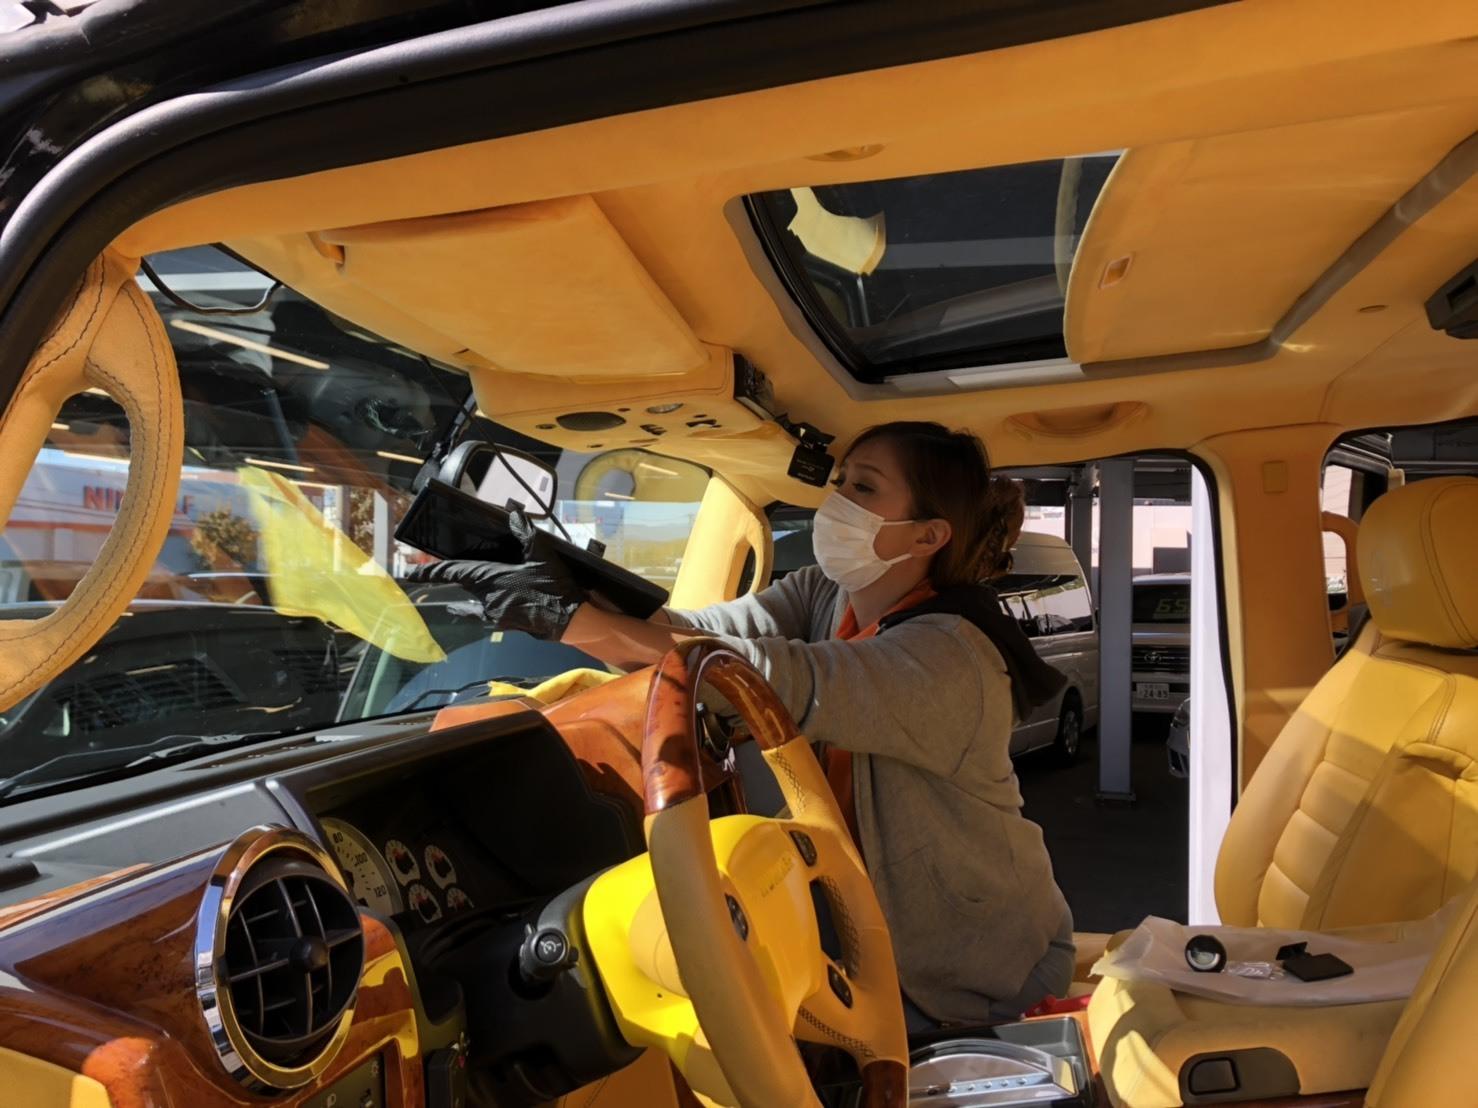 10月18日★N様ハマーH2納車★✨✨ ランクル ハマー LX570 エスカレード ♡TOMMY♡_b0127002_17511261.jpg